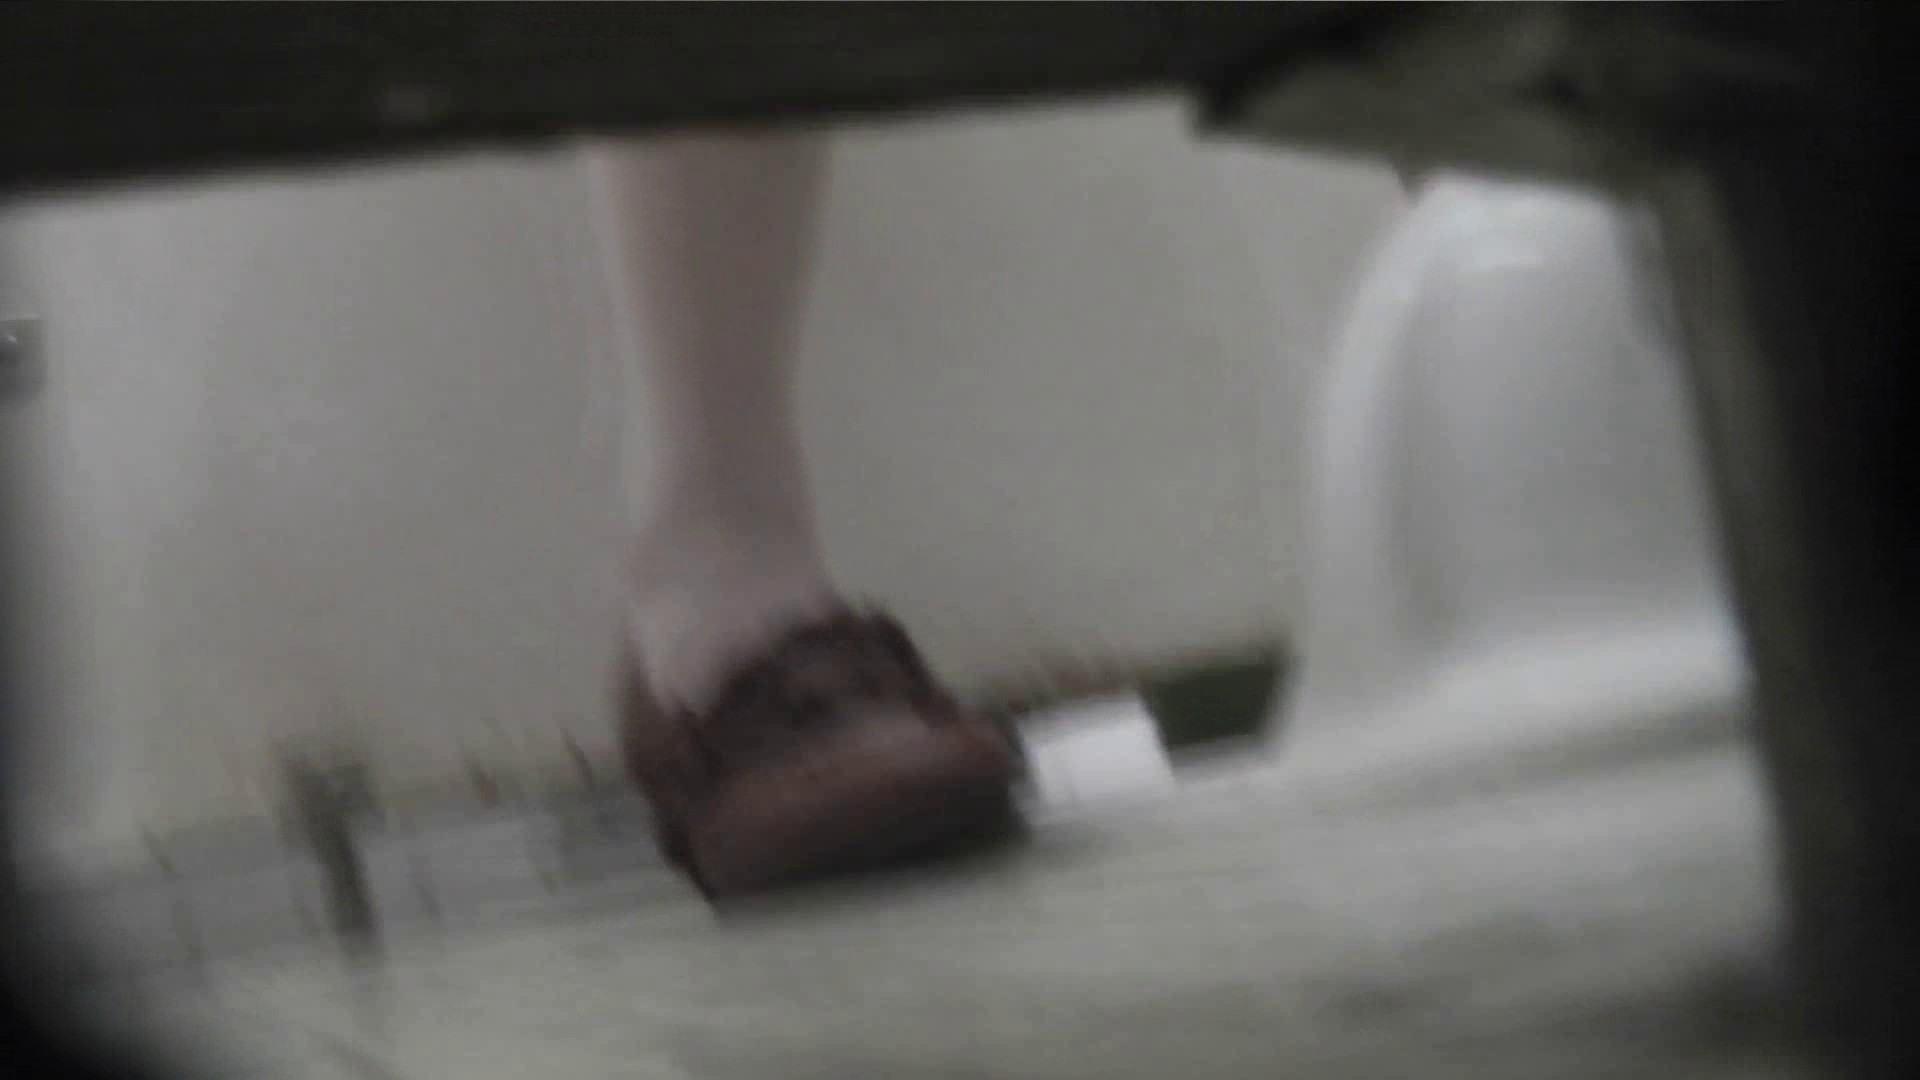 vol.62 命がけ潜伏洗面所! クパ~しながら放水してみた 丸見え ワレメ動画紹介 66画像 27